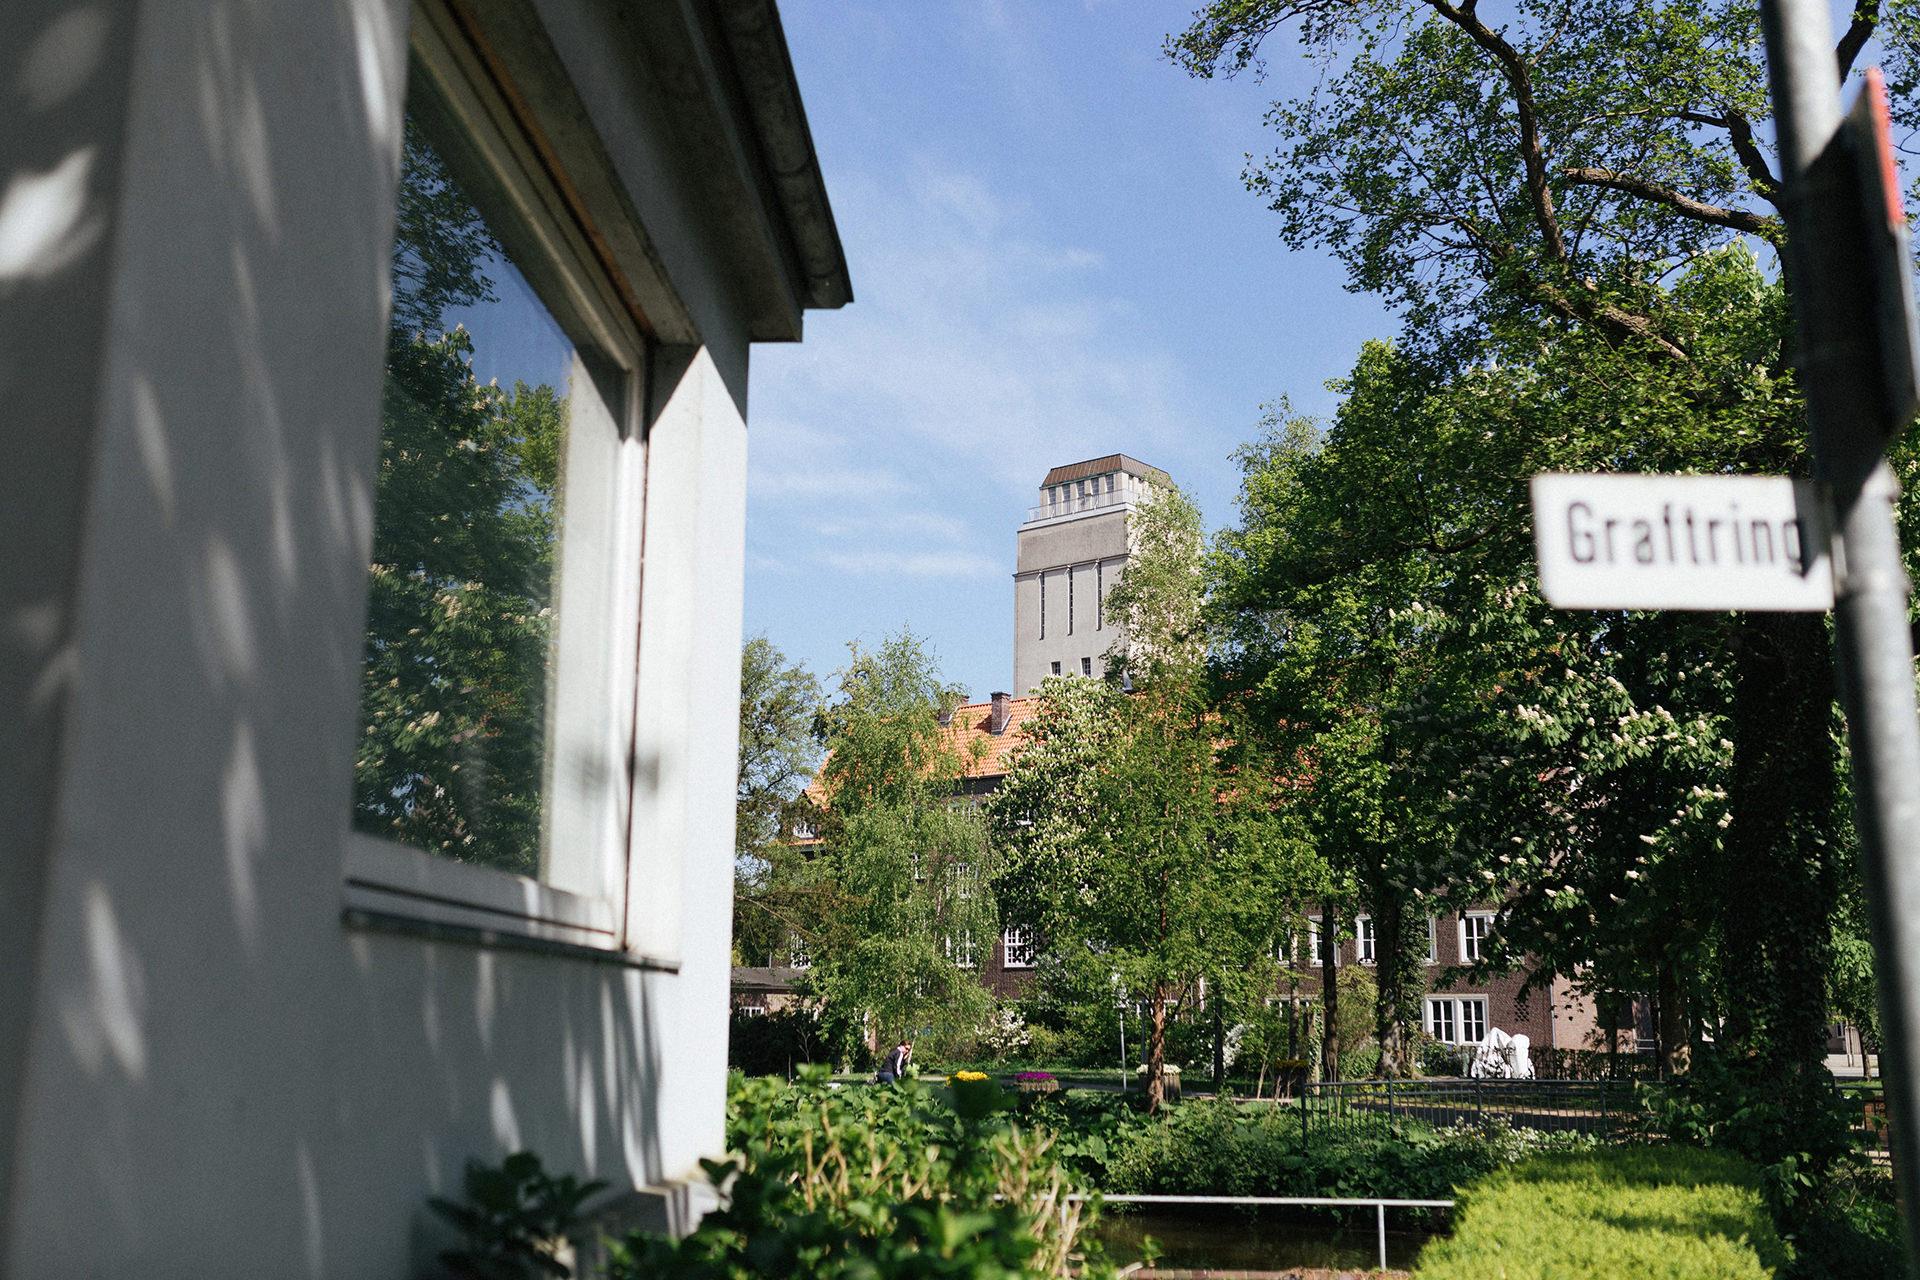 Hochzeit Rathaus Delmenhorst Graft Gartenhaus